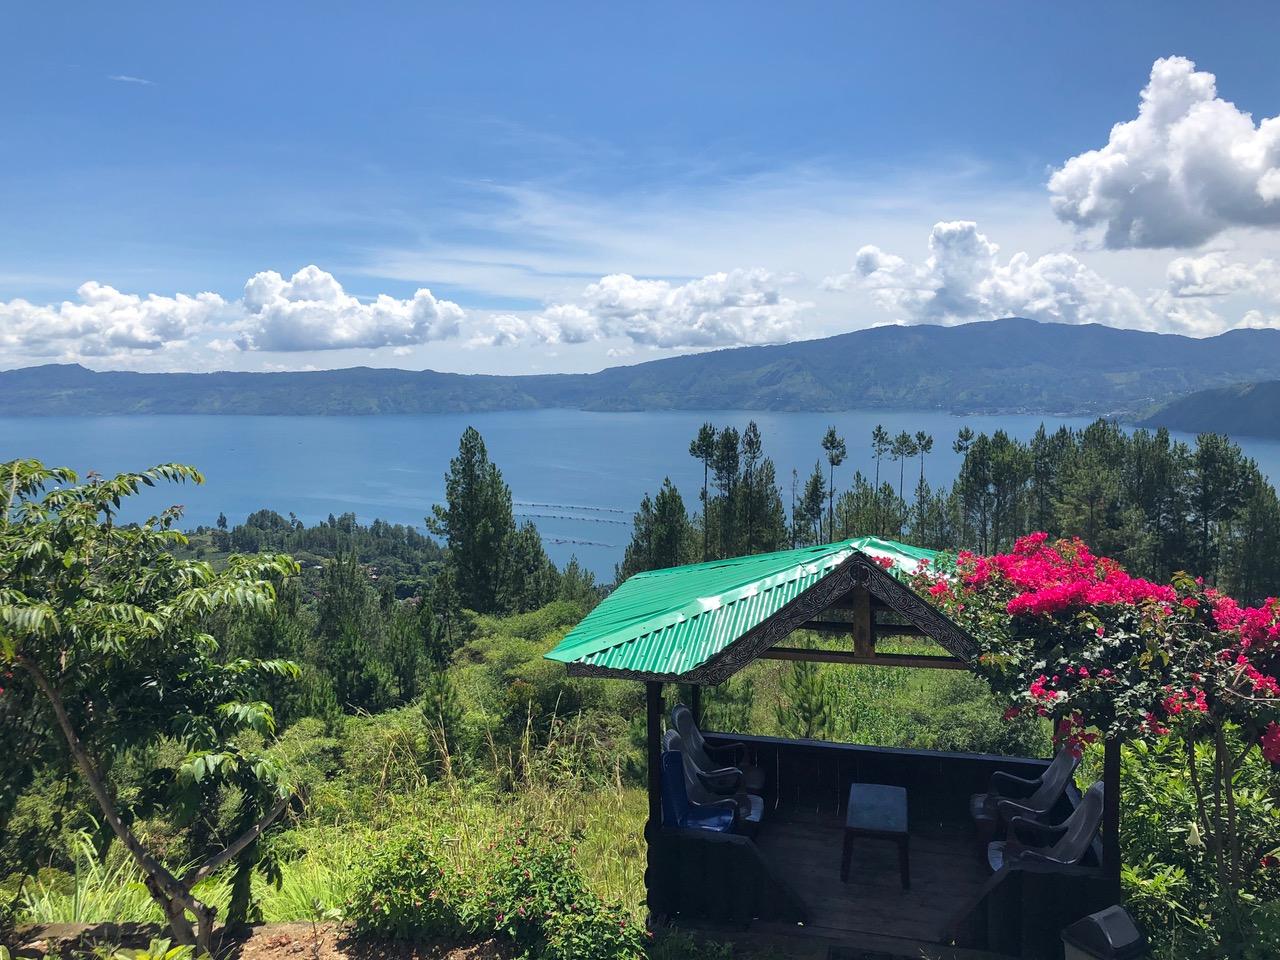 Vue sur le Lac Toba sur l'île de Samosir en Indonésie